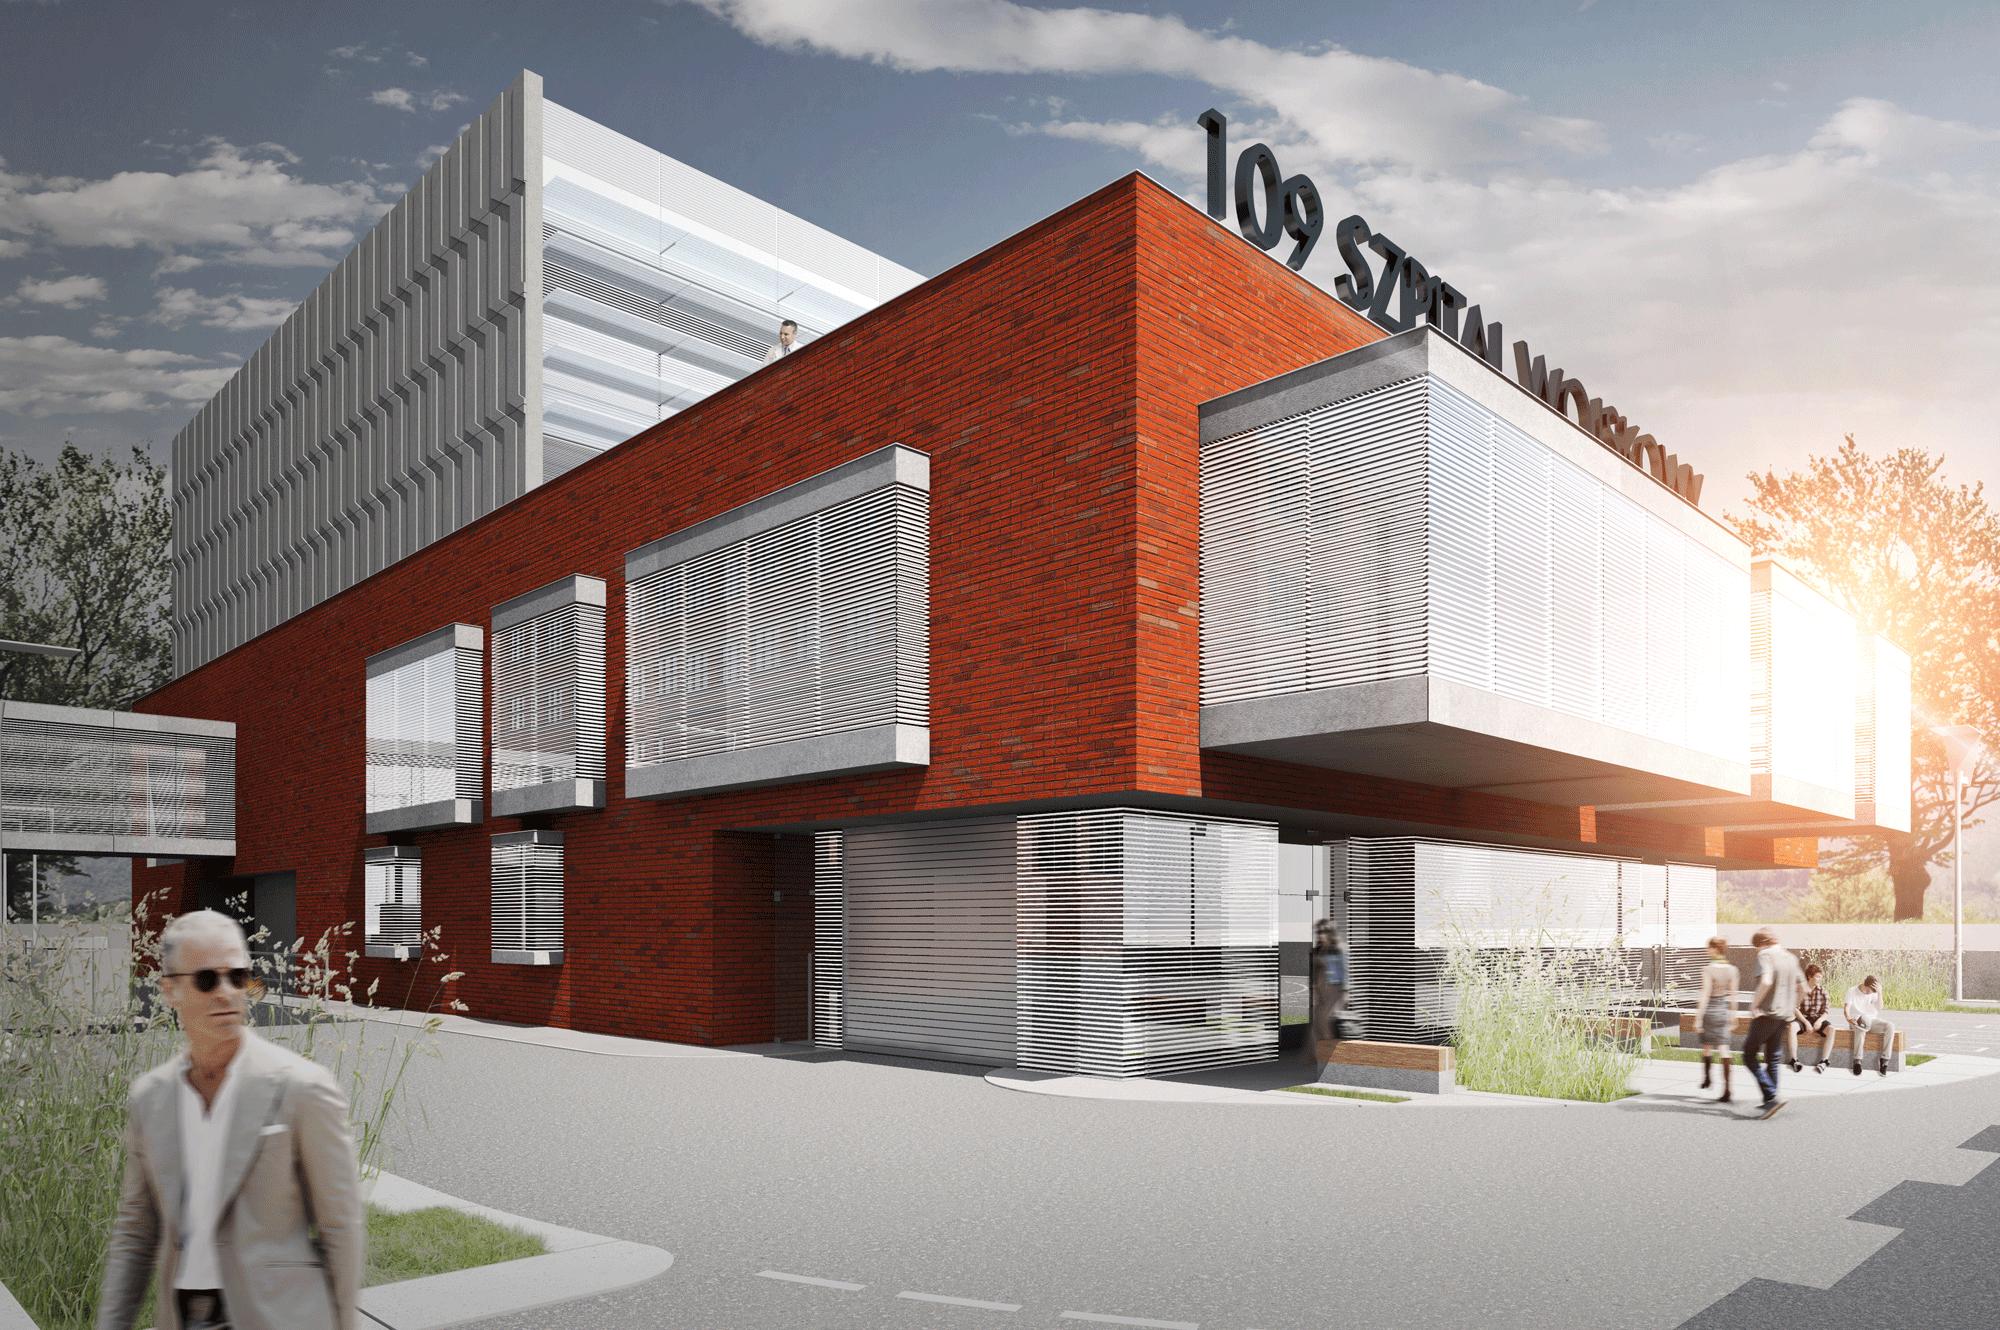 109 sw, rozbudowa szpitala ooddział ginekologiczno-położniczy, OIOM, zespół sal operacyjnych, centralną sterylizatornię   piotra skargi, szczecin